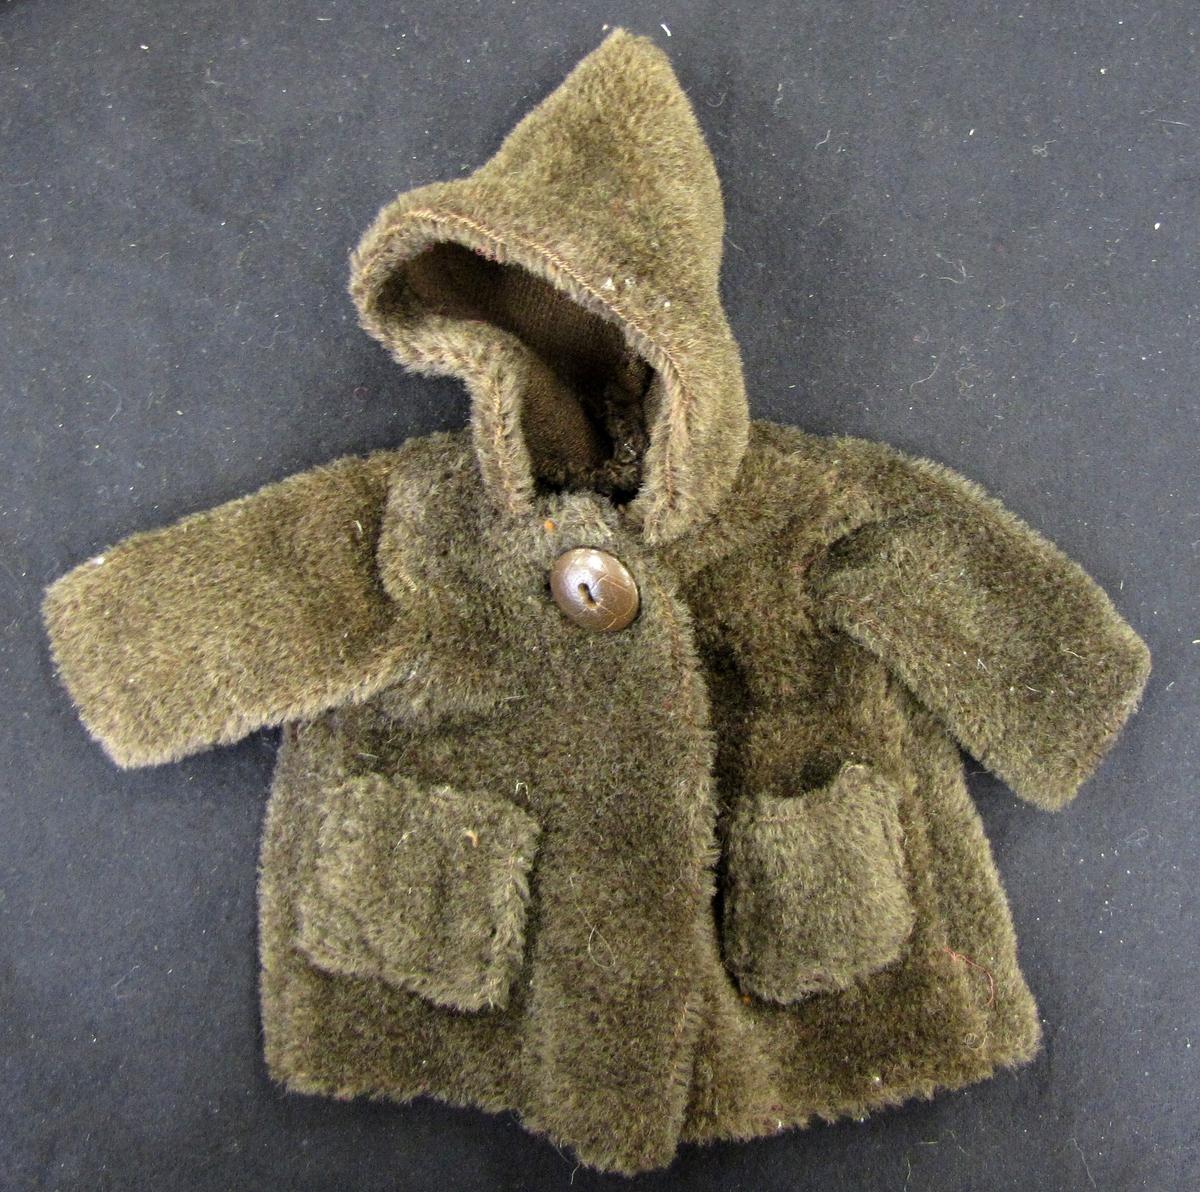 Kappa sydd luddigt syntettyg. Kappan har luva och två fickor samt knäpps med en knapp i halsen. Kappan har används till dockan ''Kajsa'' VM 22 788:1.